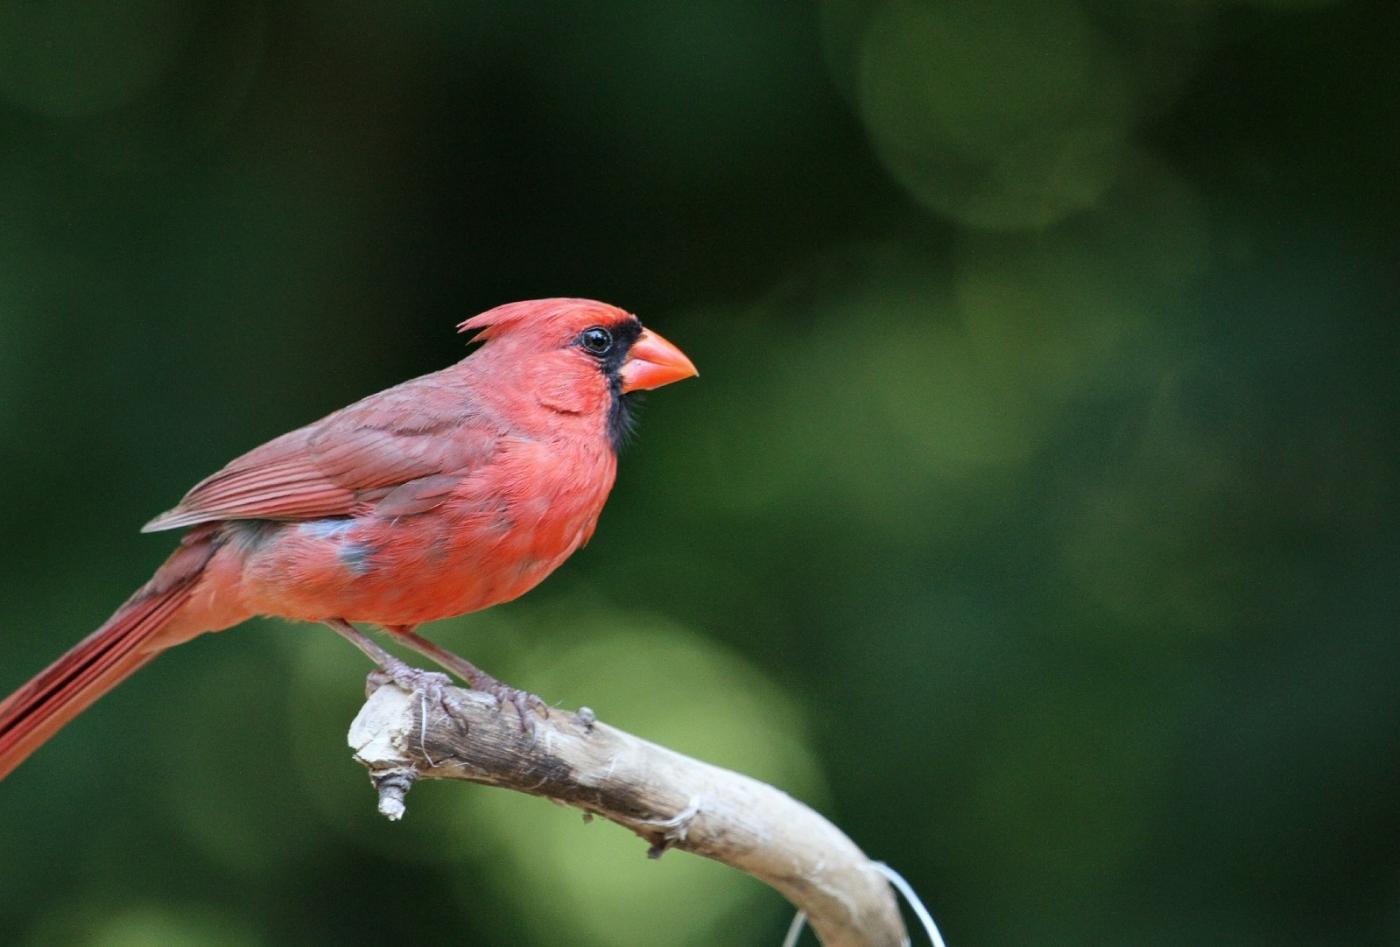 【田螺摄影】做个漂亮的喂鸟器更吸引红衣主教_图1-13